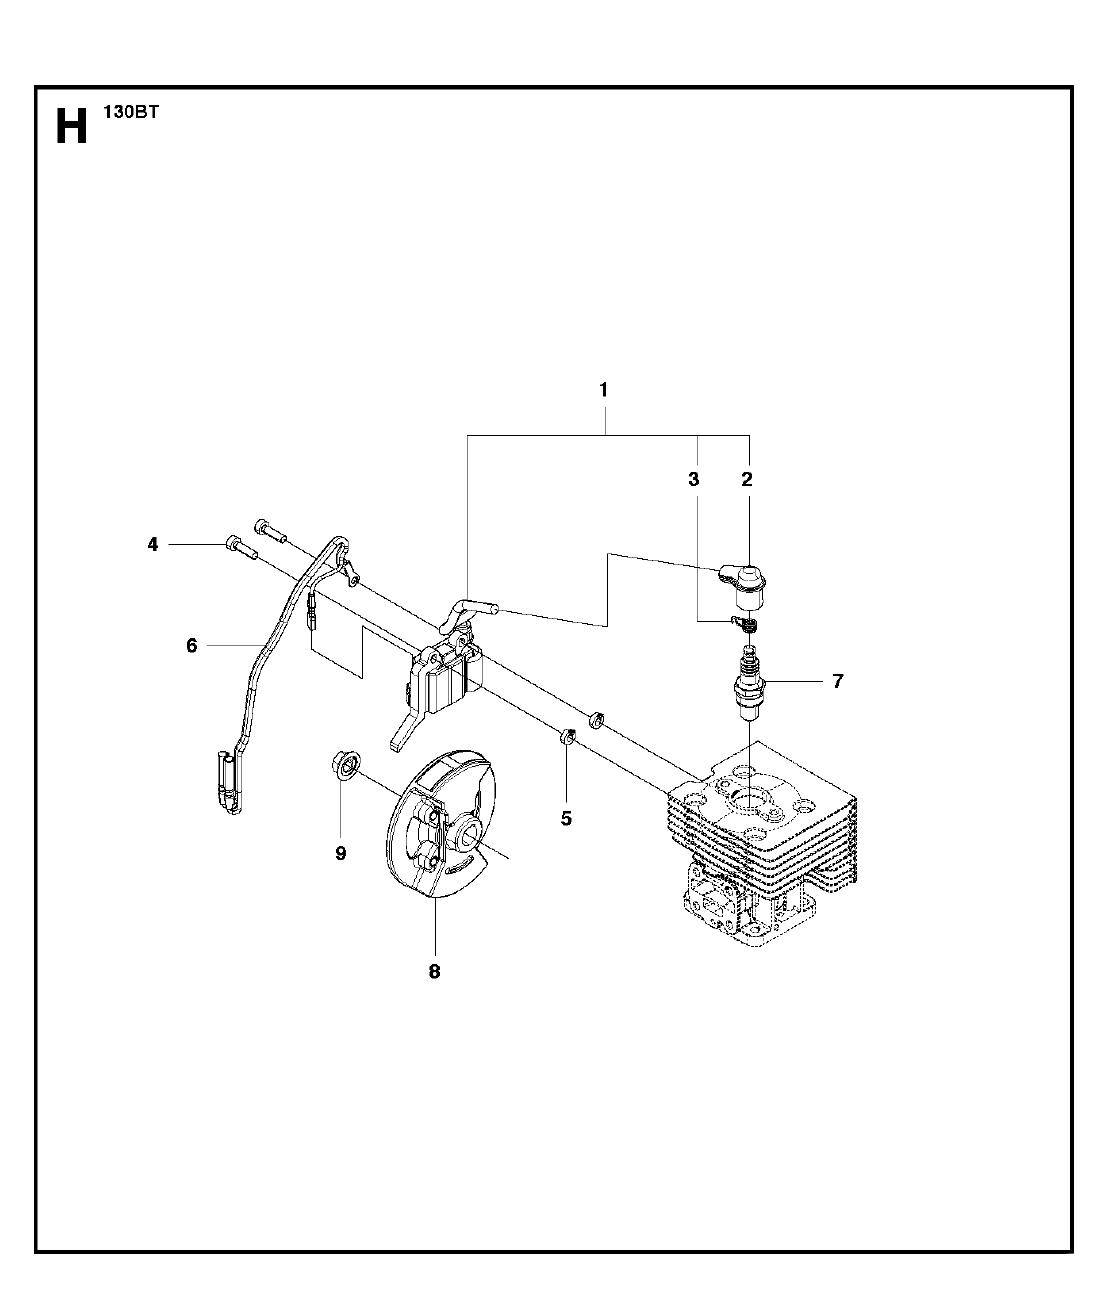 130BT-T1-Husqvarna-PB-7Break Down